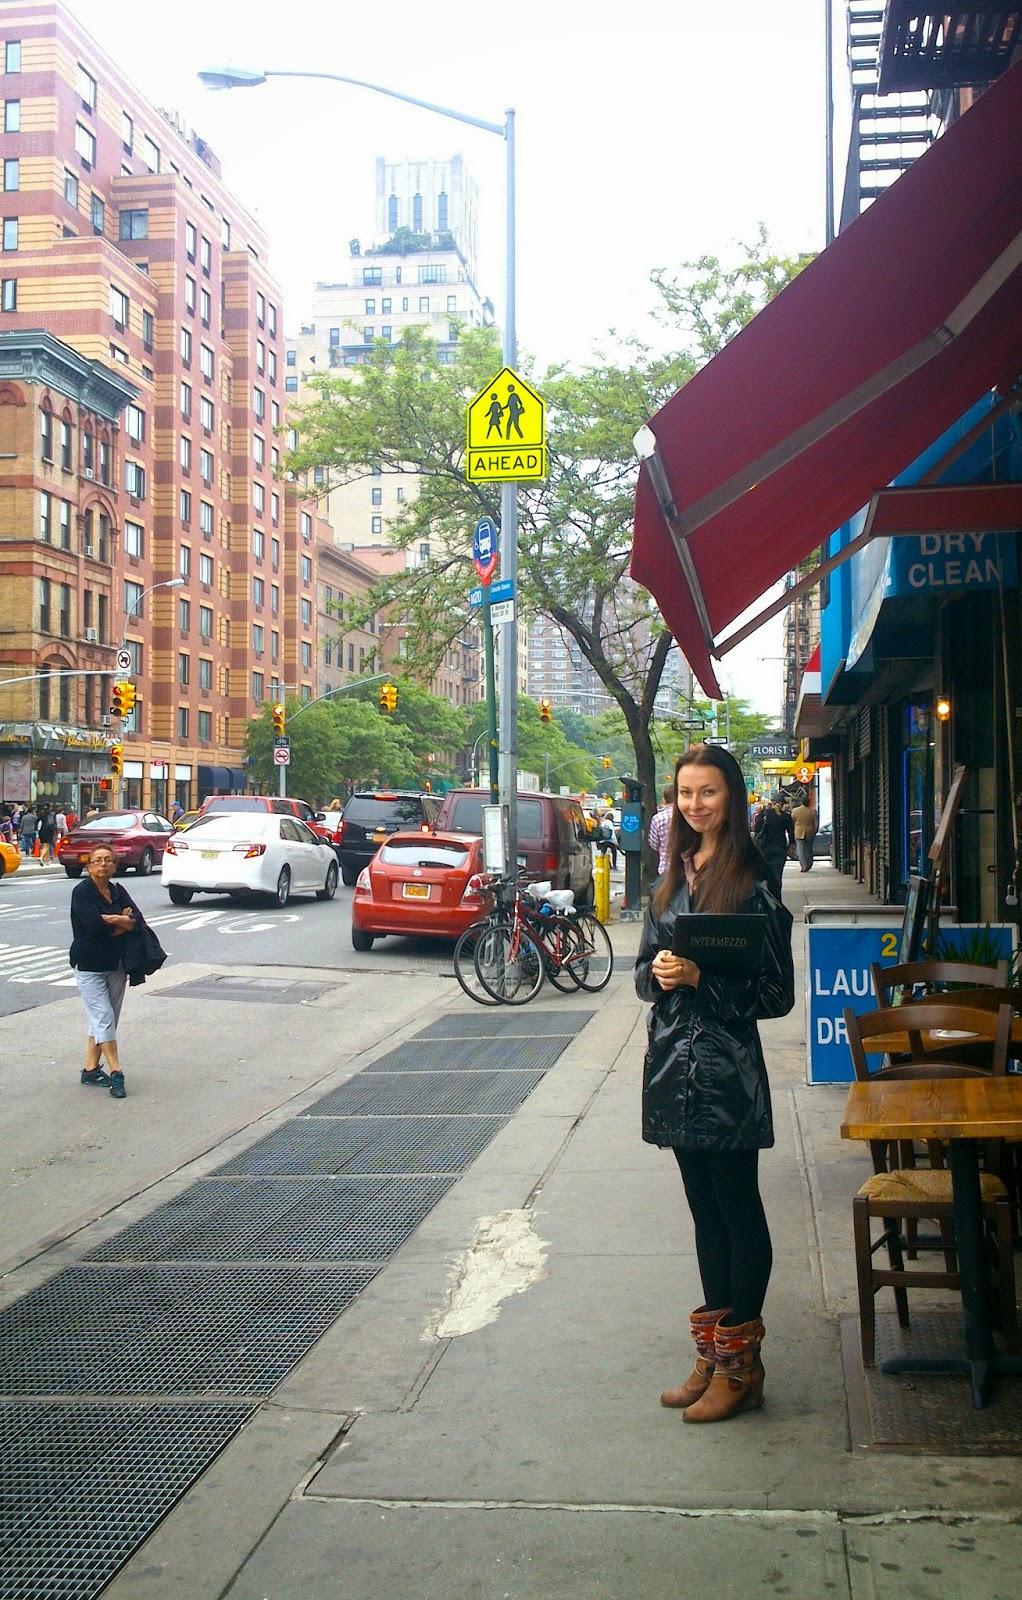 Случайной прохожей на улицу для секса 5 фотография